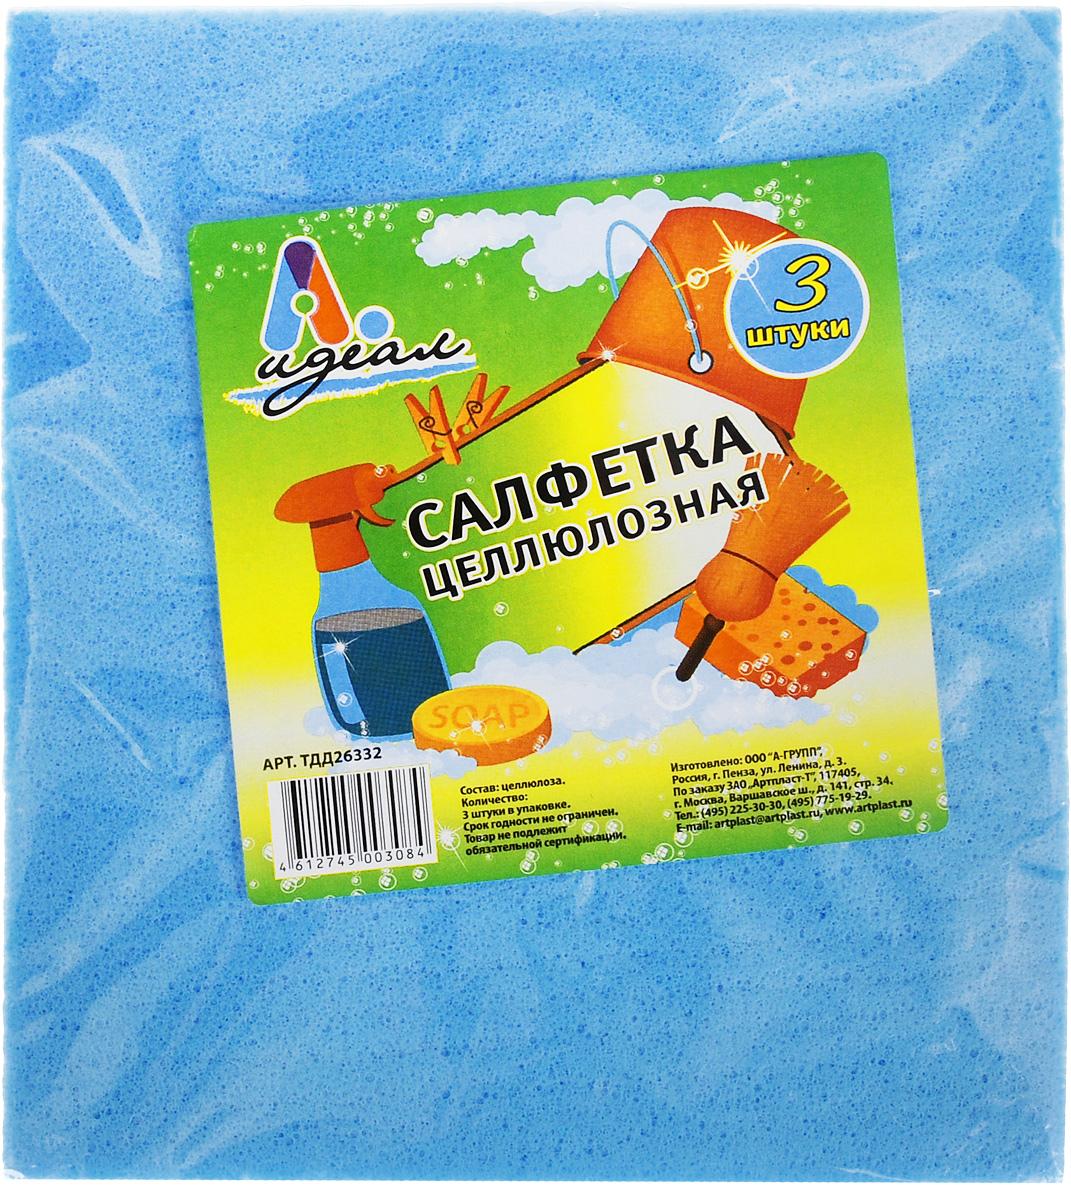 Салфетка губчатая Идеал, цвет: голубой, 15 х 18 см, 3 штТДД26332_голубойСалфетка губчатая Идеал изготовлена из целлюлозы. Салфетка хорошо впитывает влагу, не оставляет разводов и ворсинок. Можно использовать для сухой или влажной уборки любых поверхностей с моющими средствами или без них.